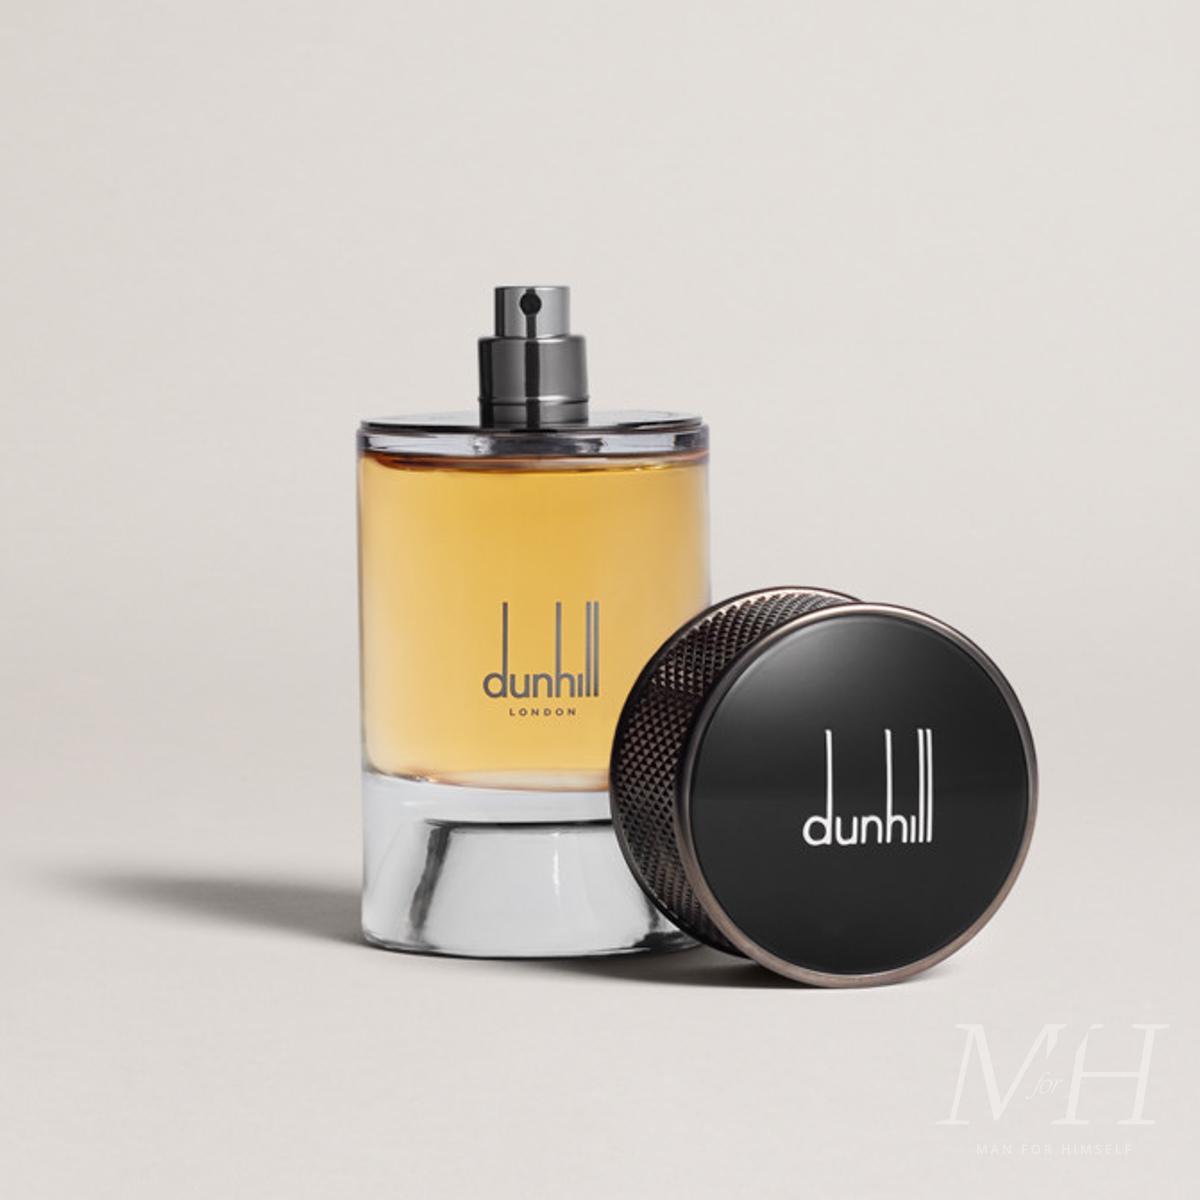 dunhill-indian-sandalwood-fragrance-man-for-himself